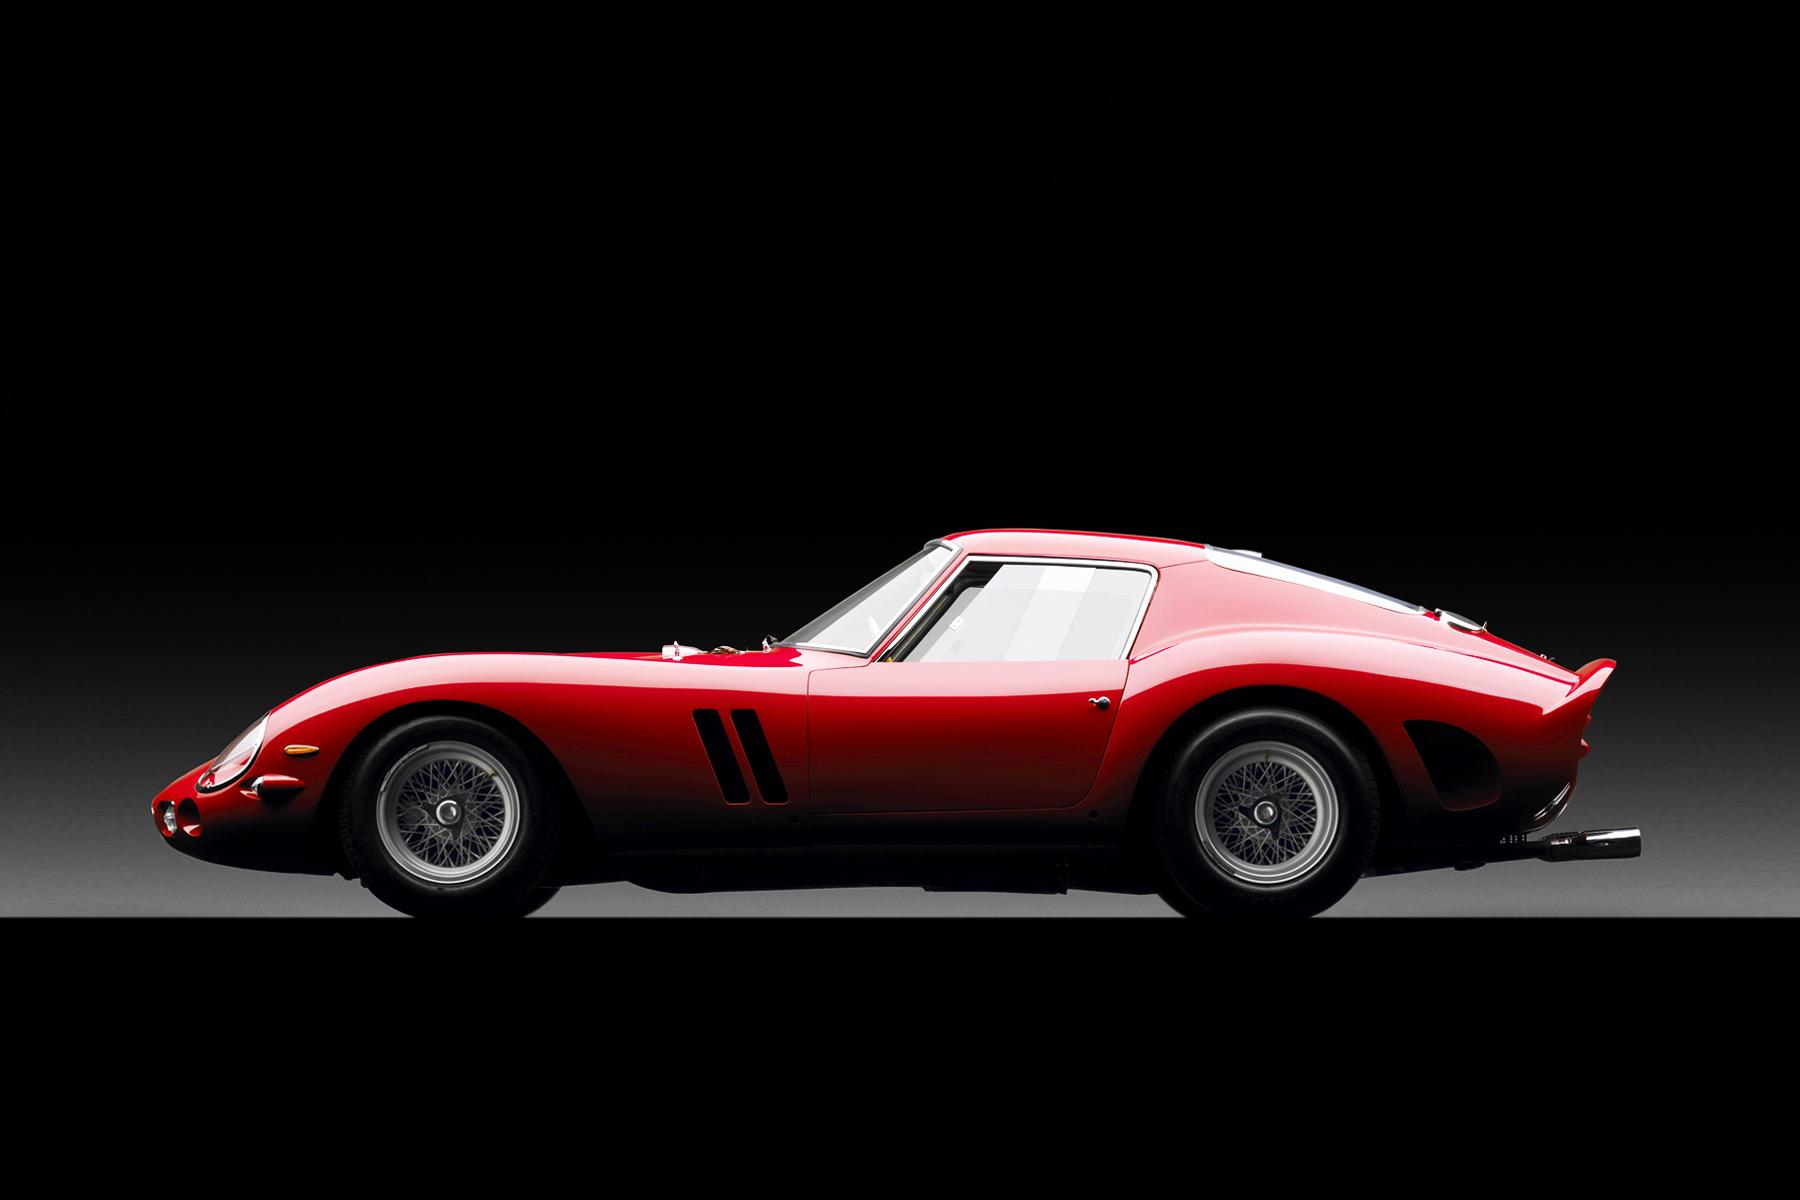 1962 ferrari 250 gto to hit the auction block for 40 million euros